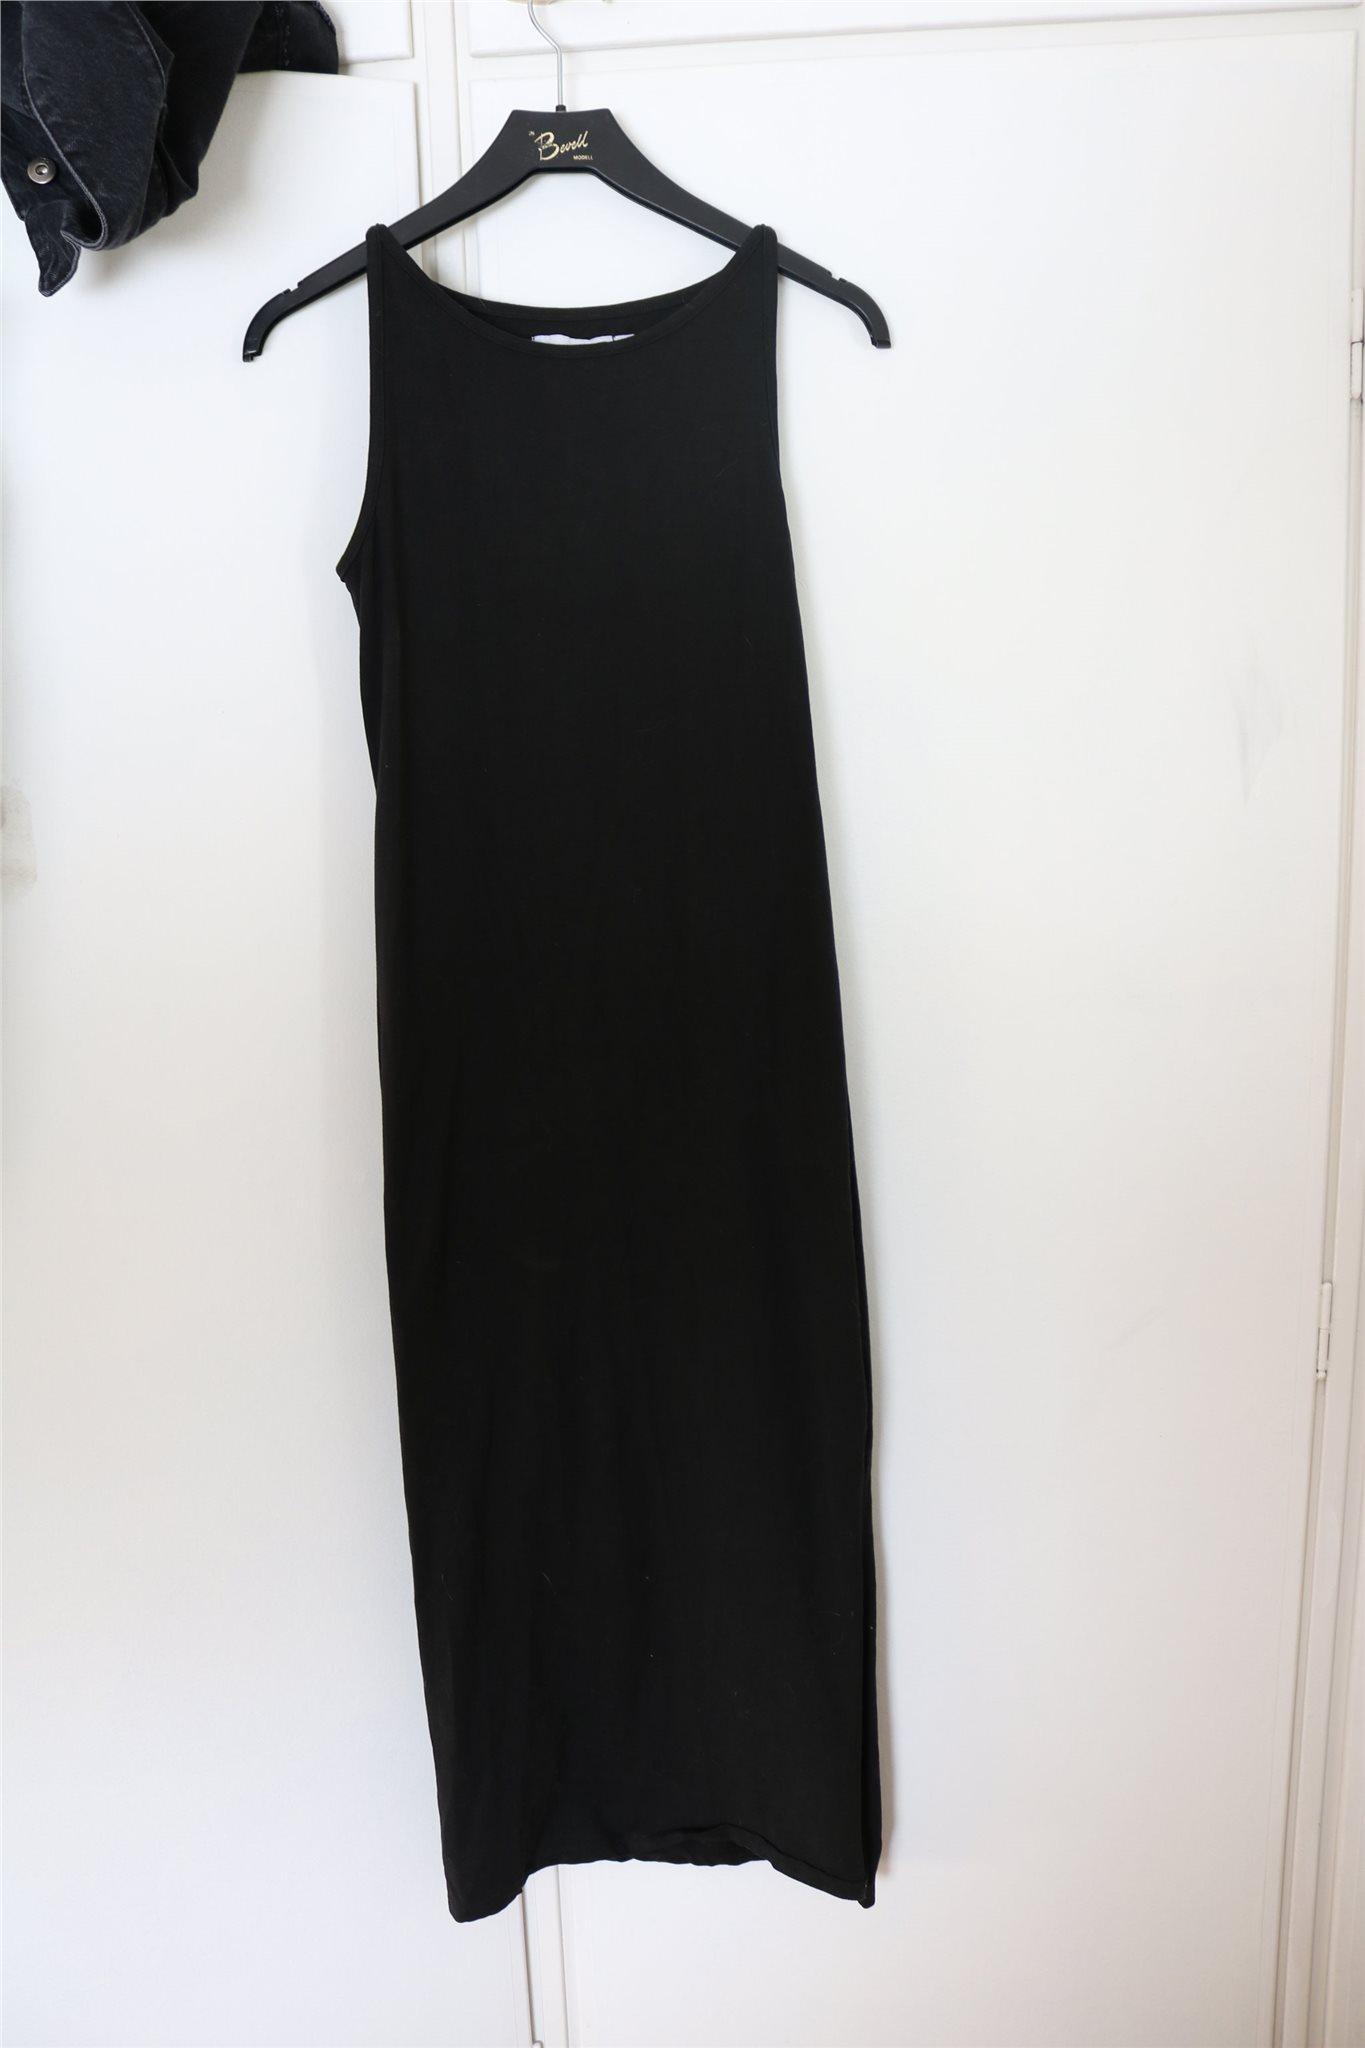 7a4a5f23a4e8 Enkel långklänning (345323069) ᐈ Köp på Tradera